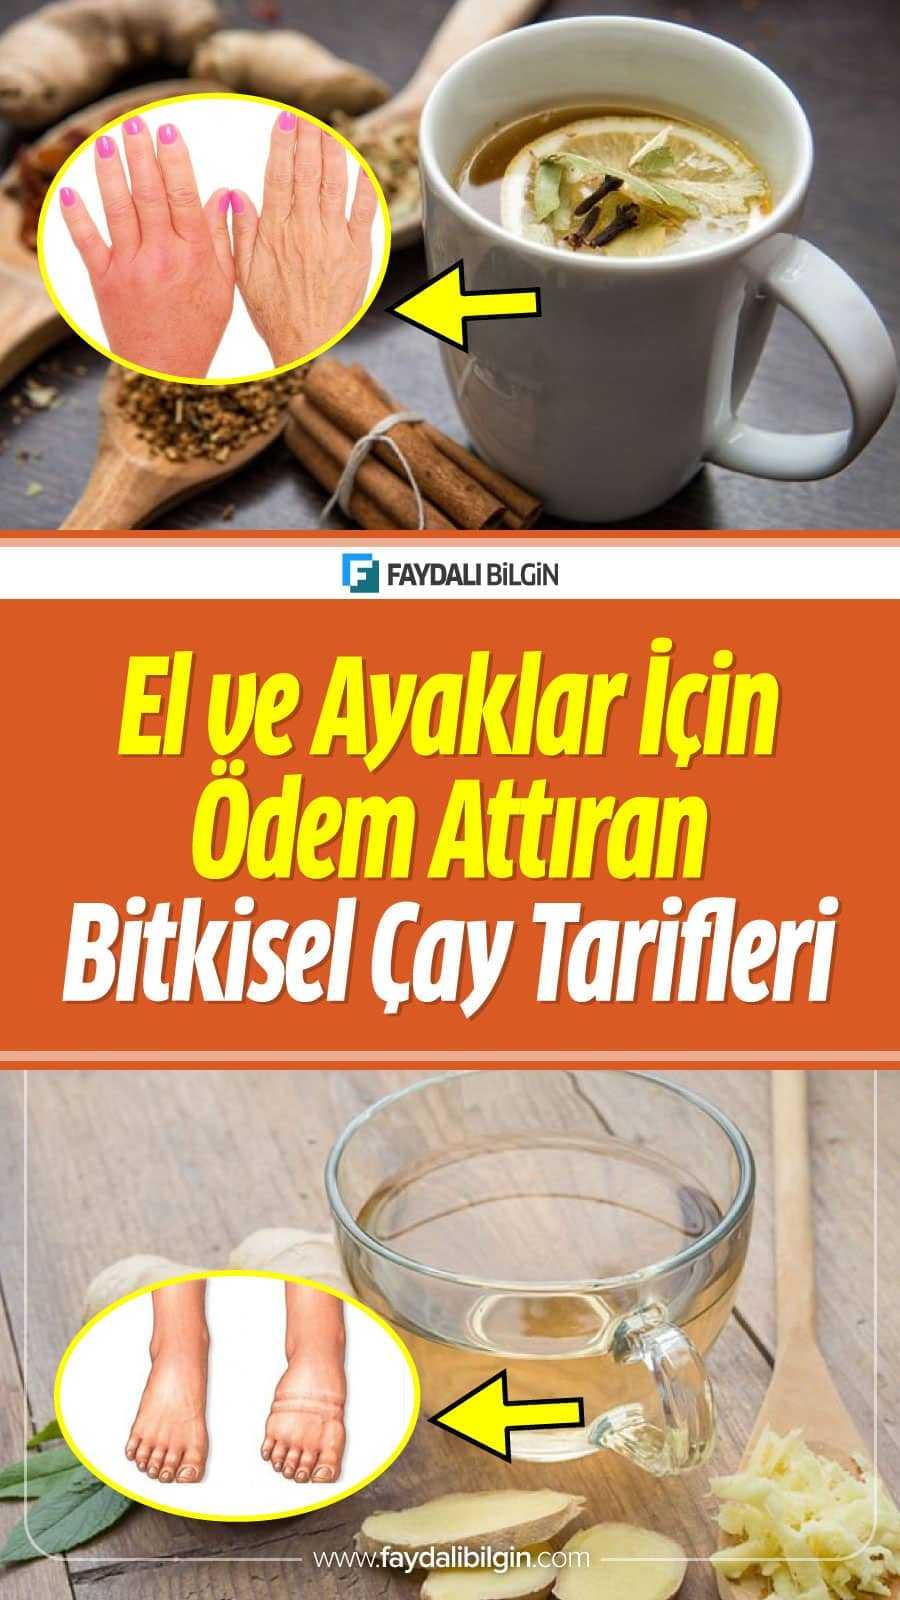 El ve Ayaklar İçin Ödem Attıran Bitkisel Çay Tarifleri; Ödem söktürücü tarifler, Zencefil çayı tarifi, Mısır Püskülü Çayı Tarifi.